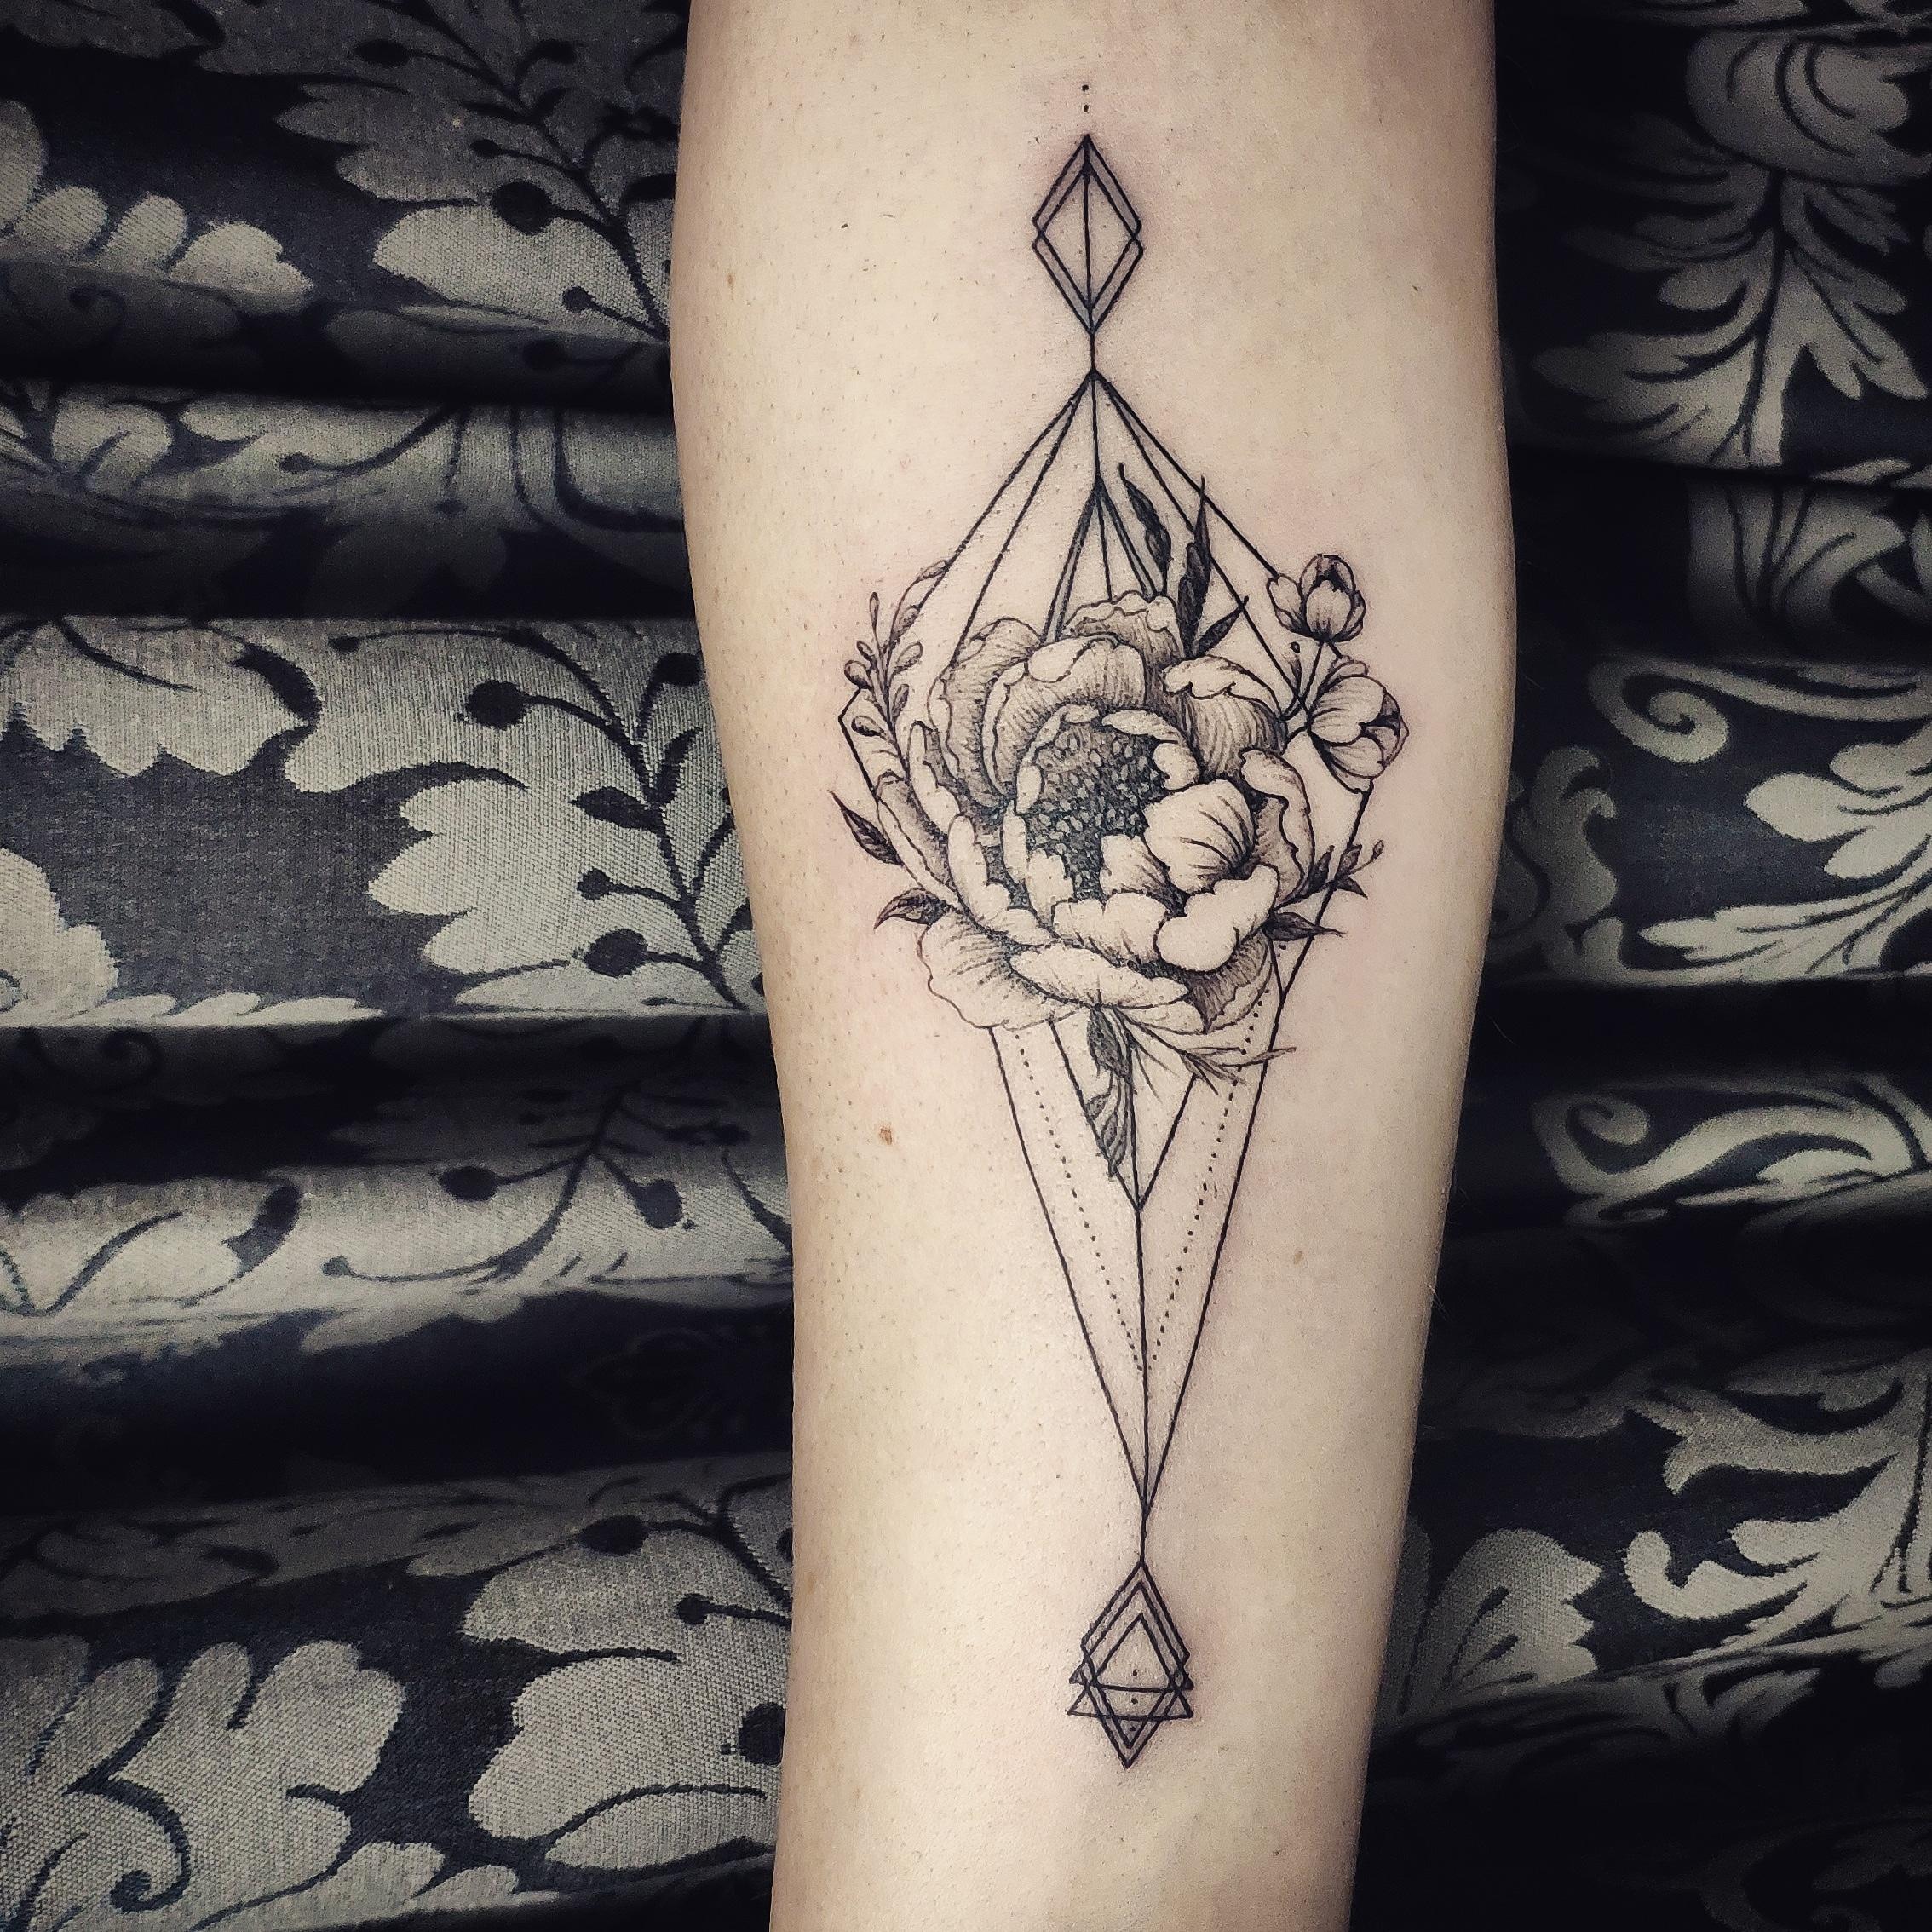 geometria, tatuajegeometrico, madridtattoo, tattooshopmadrid, geometrictattoo, lineamuyfina, tatuajelineafina, finelinetattoo, fineline, hiperfineline, florestatuajemadrid